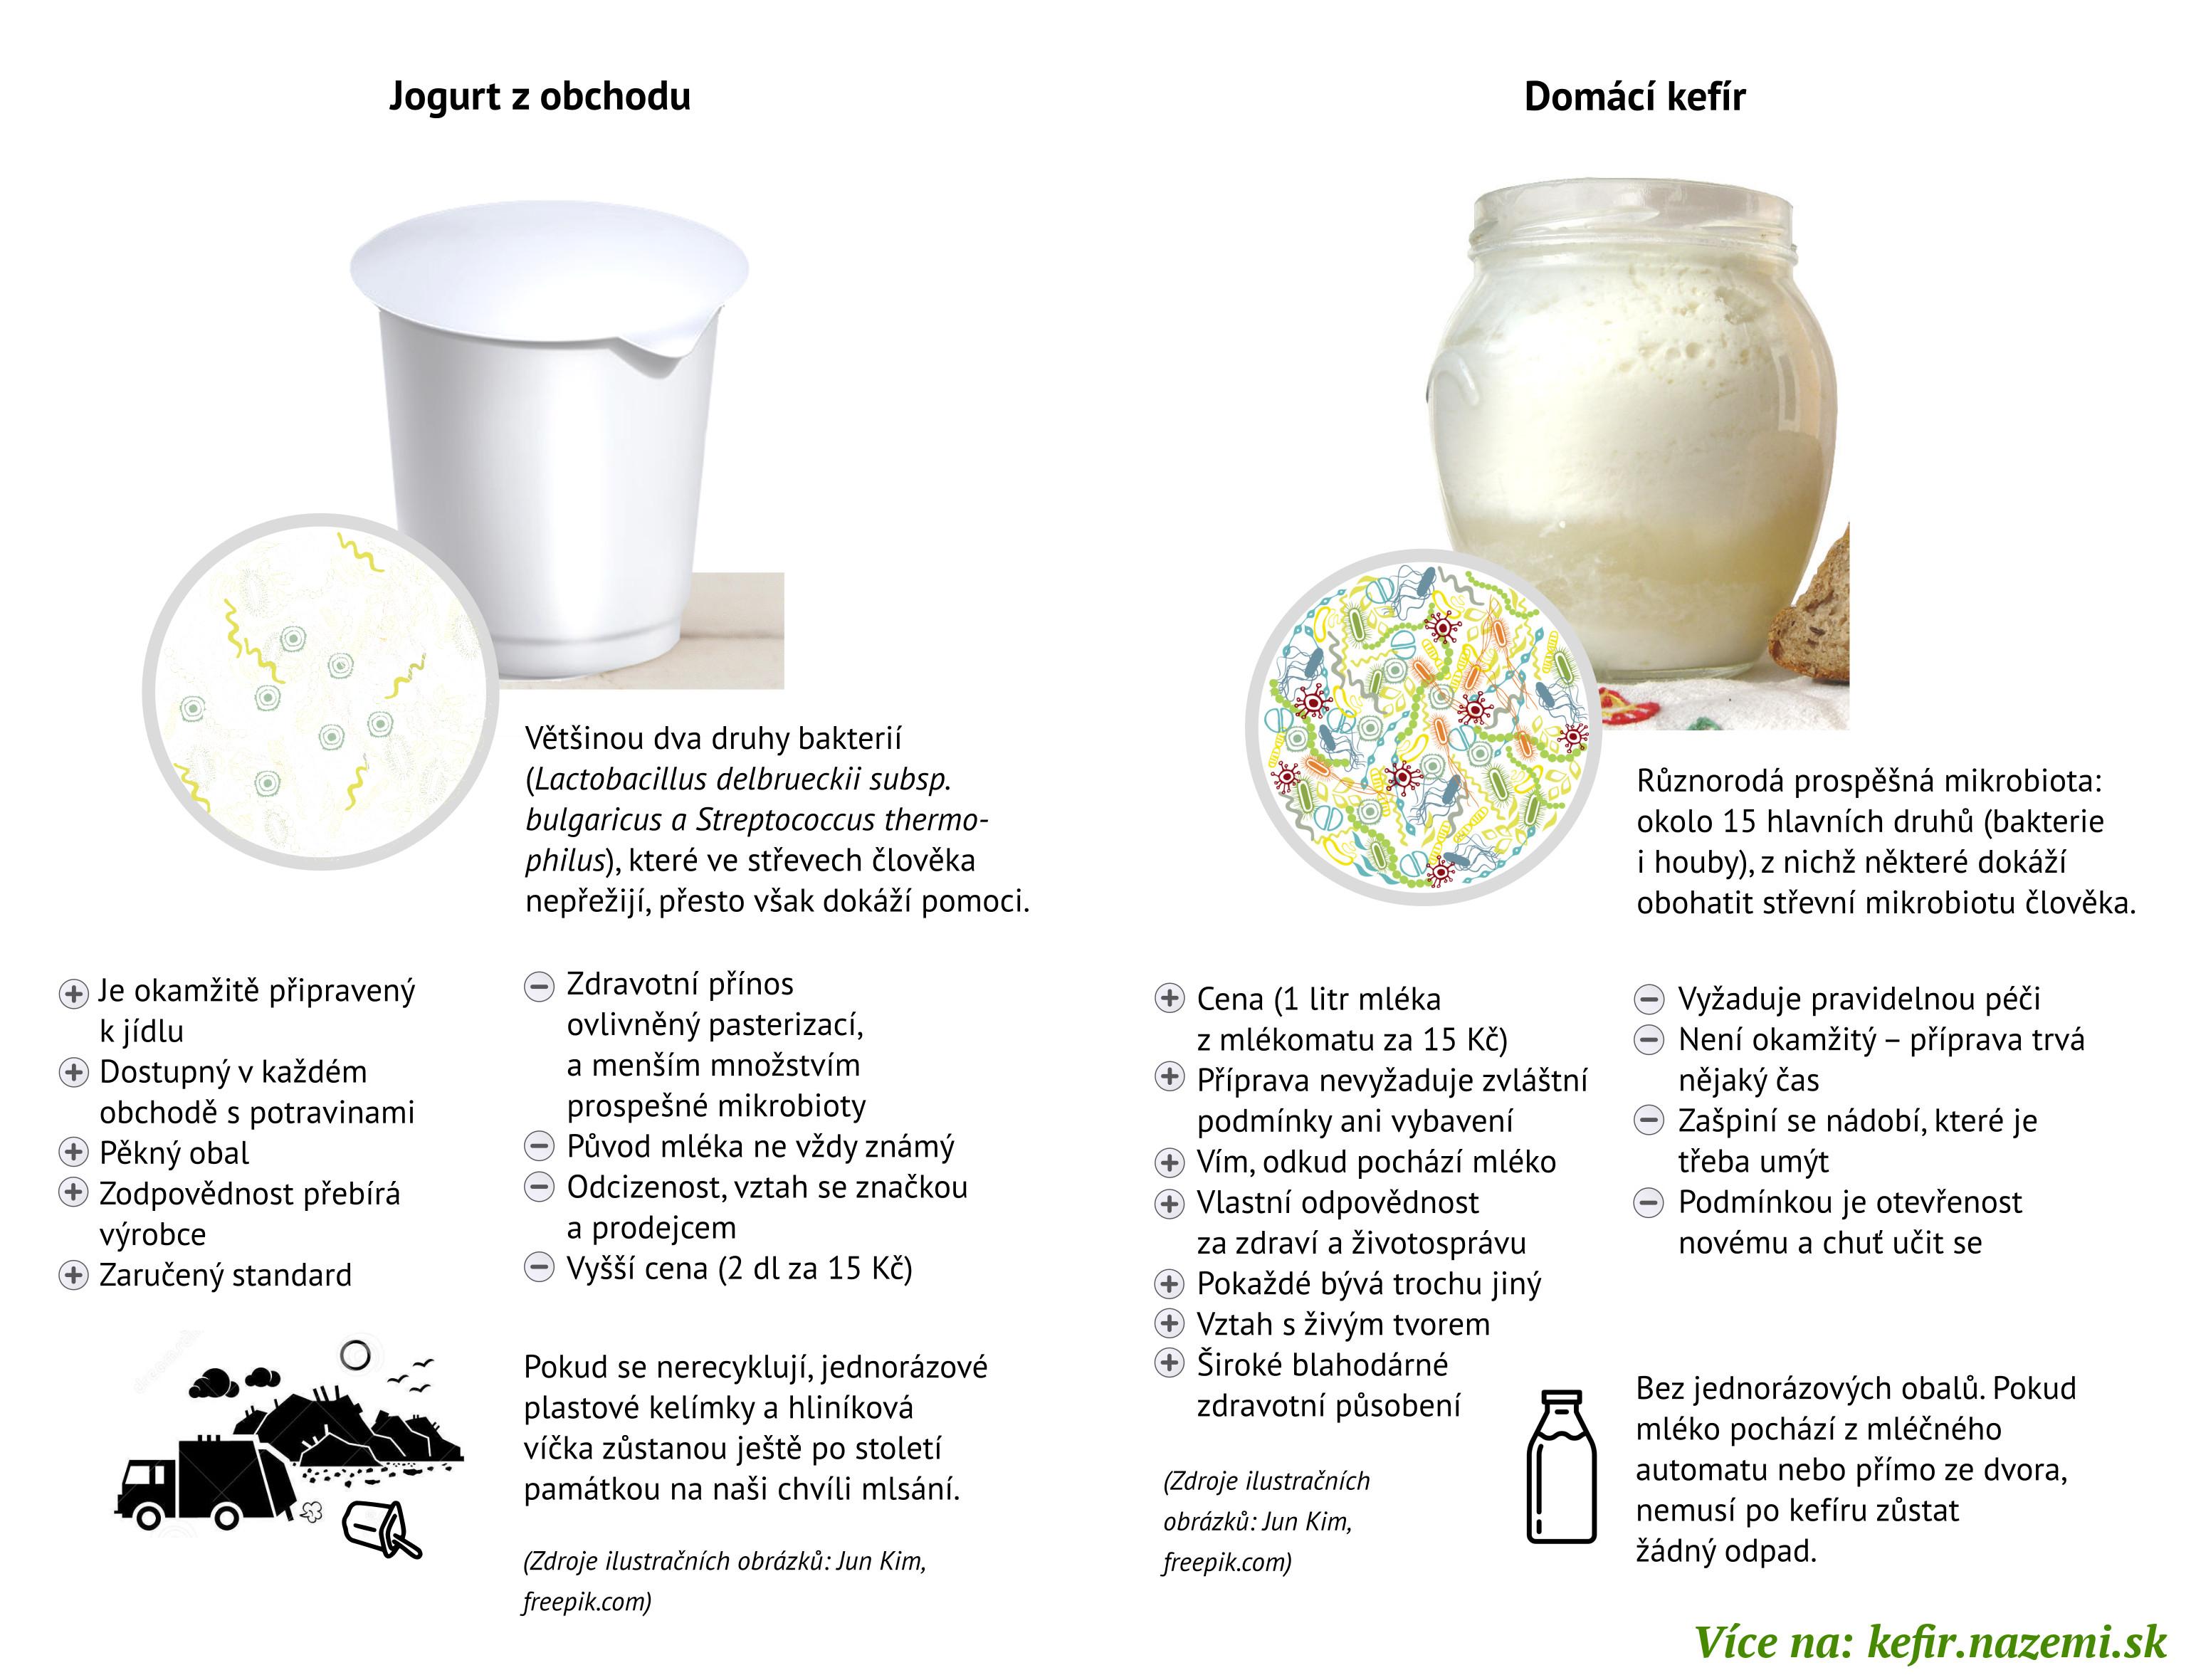 Infografika - porovnání domácího jogurtu s kefírem